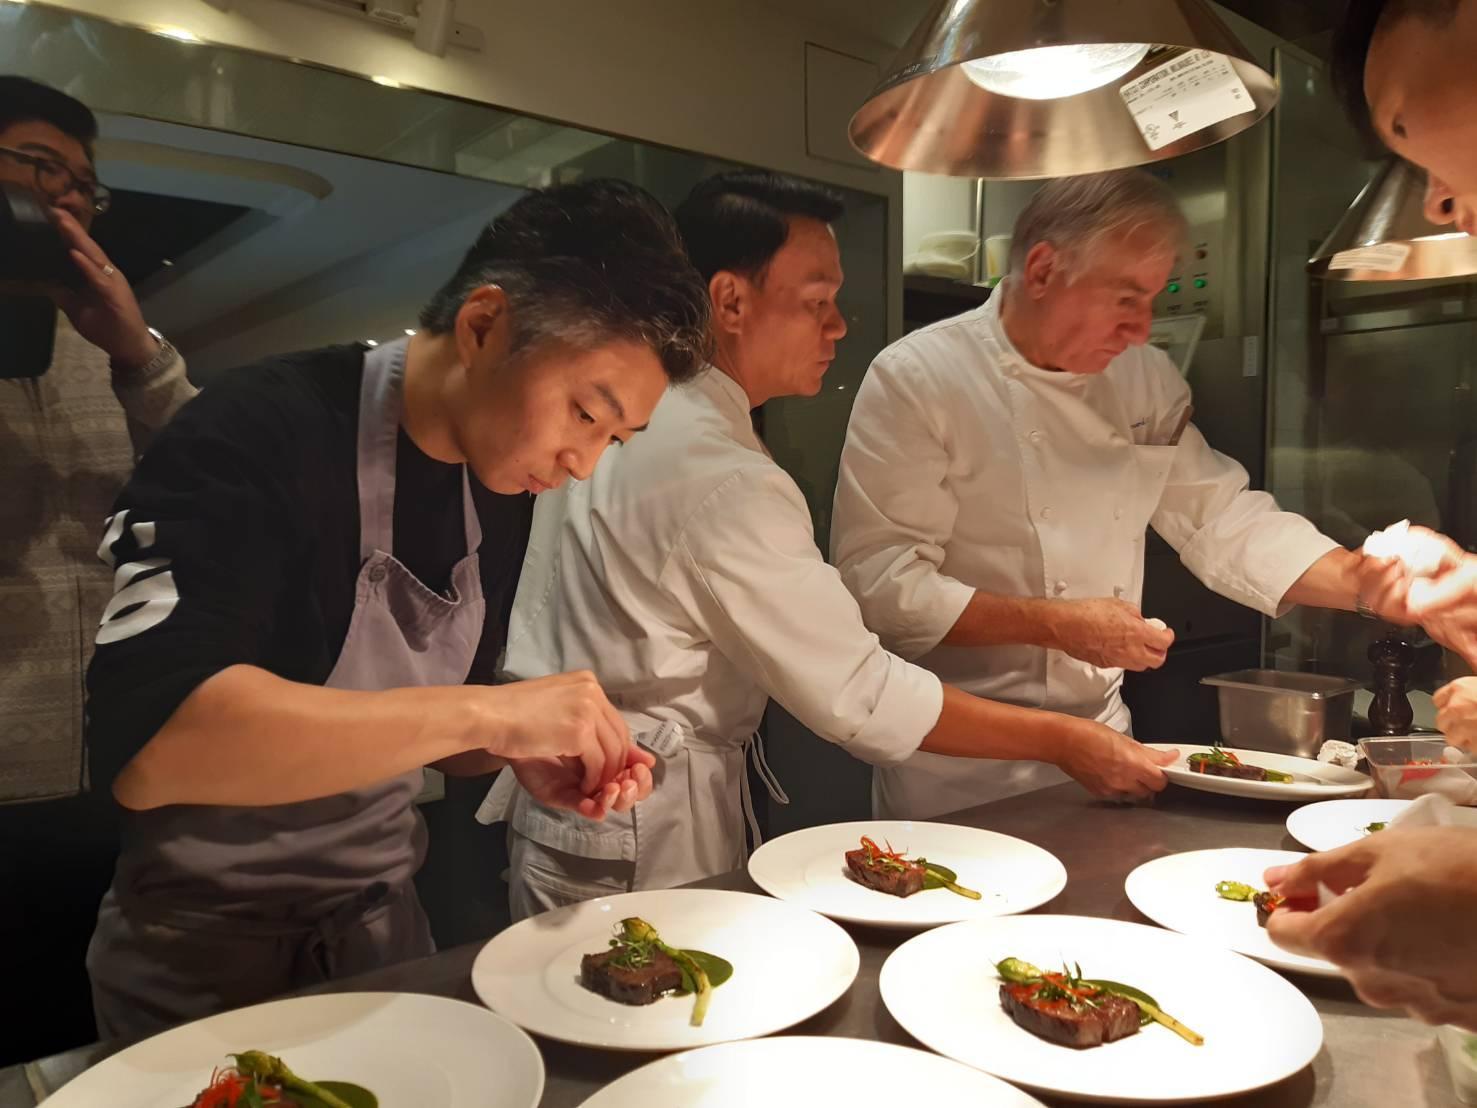 大廚 Ian Kittichai (圖中)與台北米其林一星餐廳 Mume 主廚林泉(圖左)是好朋友。這次餐會,林泉也特別為 Chef Ian 介紹了許多台灣優質食材。(謝明玲攝)